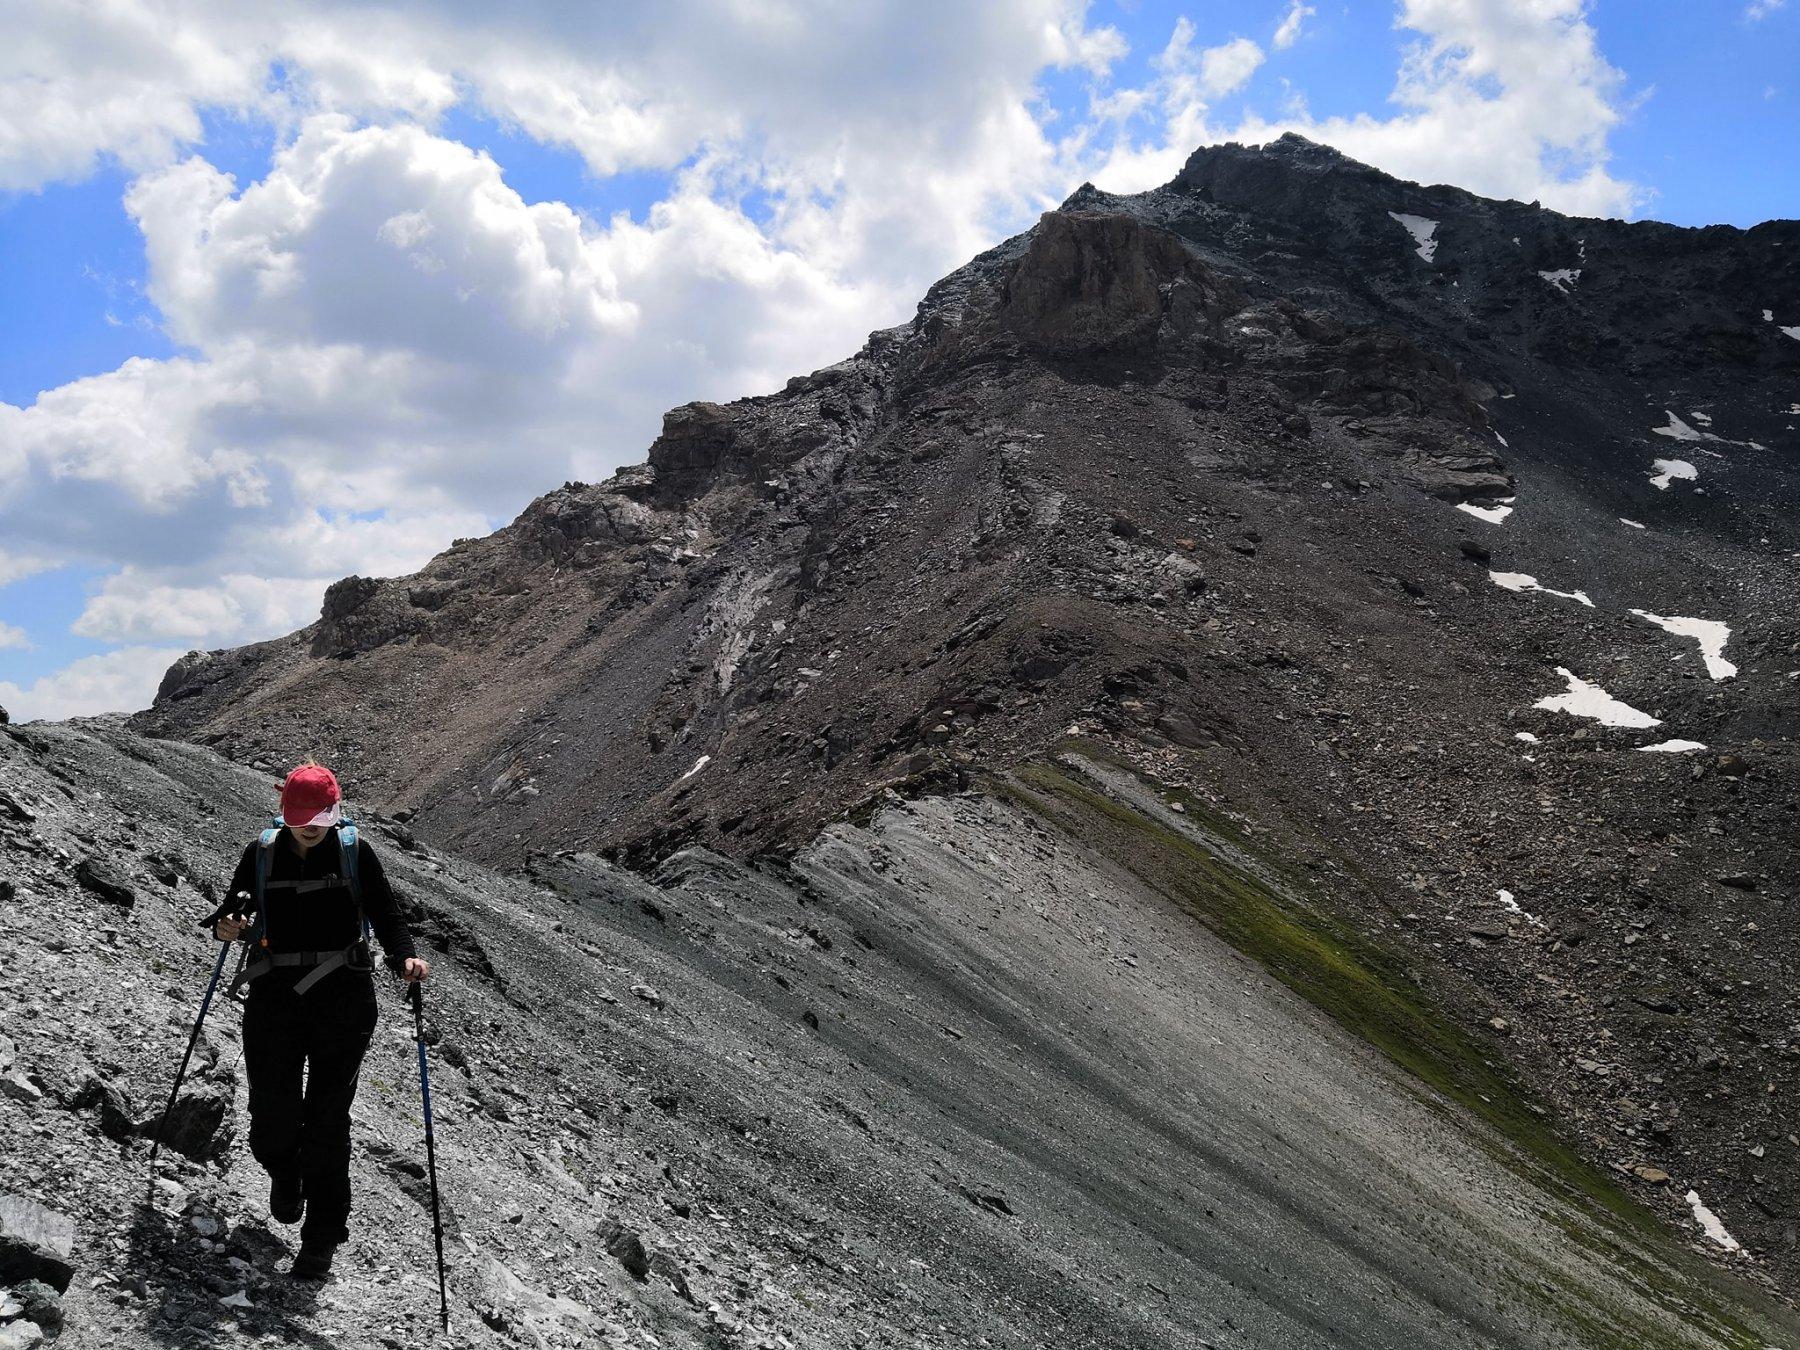 Facile camminata in cresta tra il passo sud e il nord